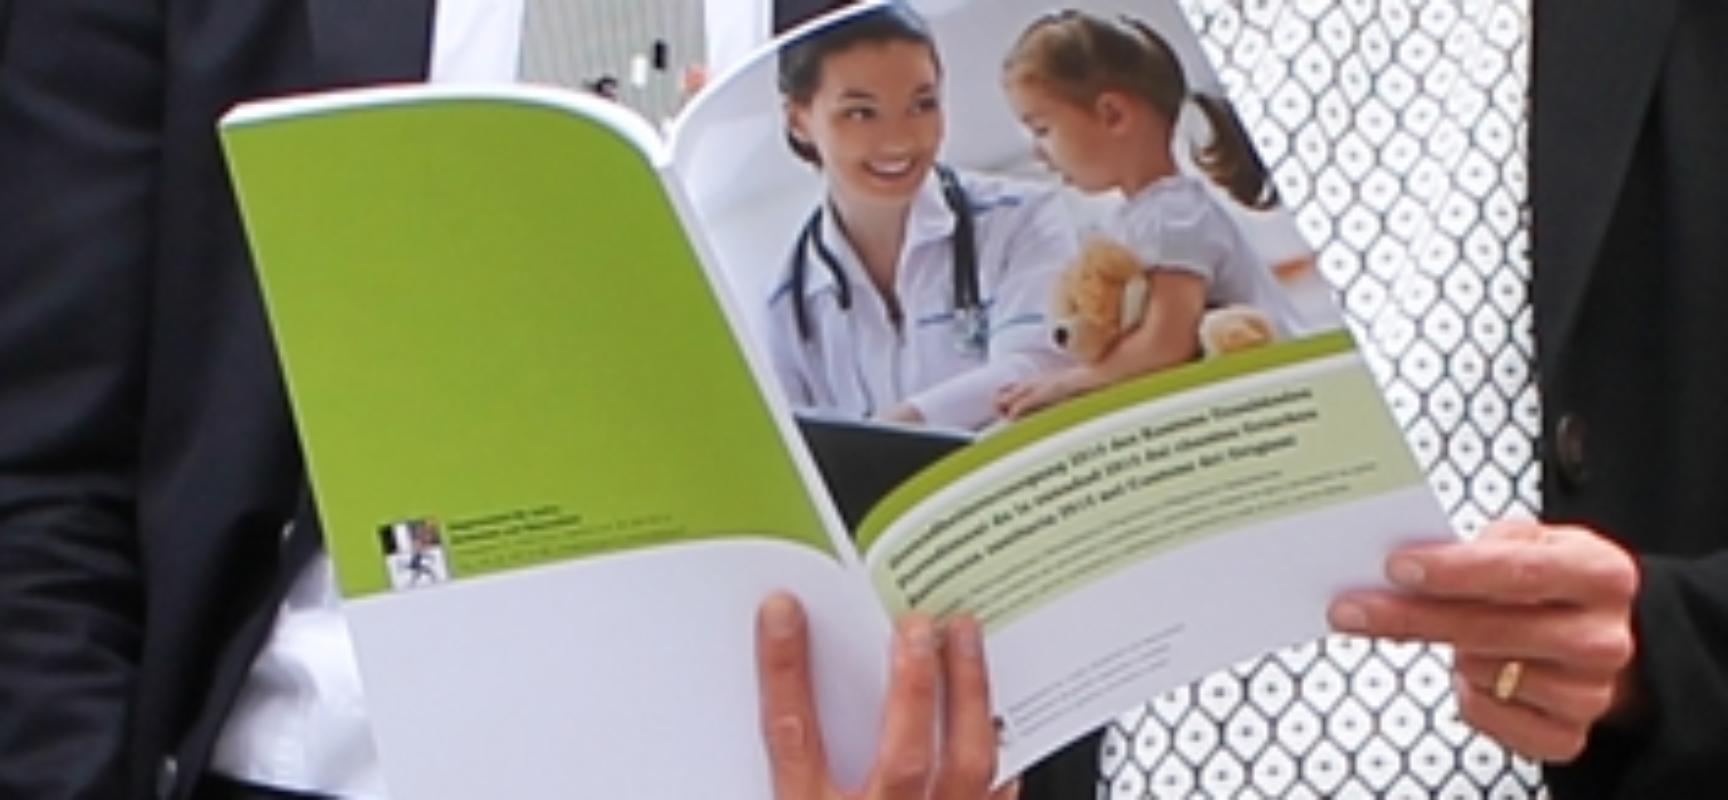 Neuer Bericht zur Gesundheitsversorgung Graubündens